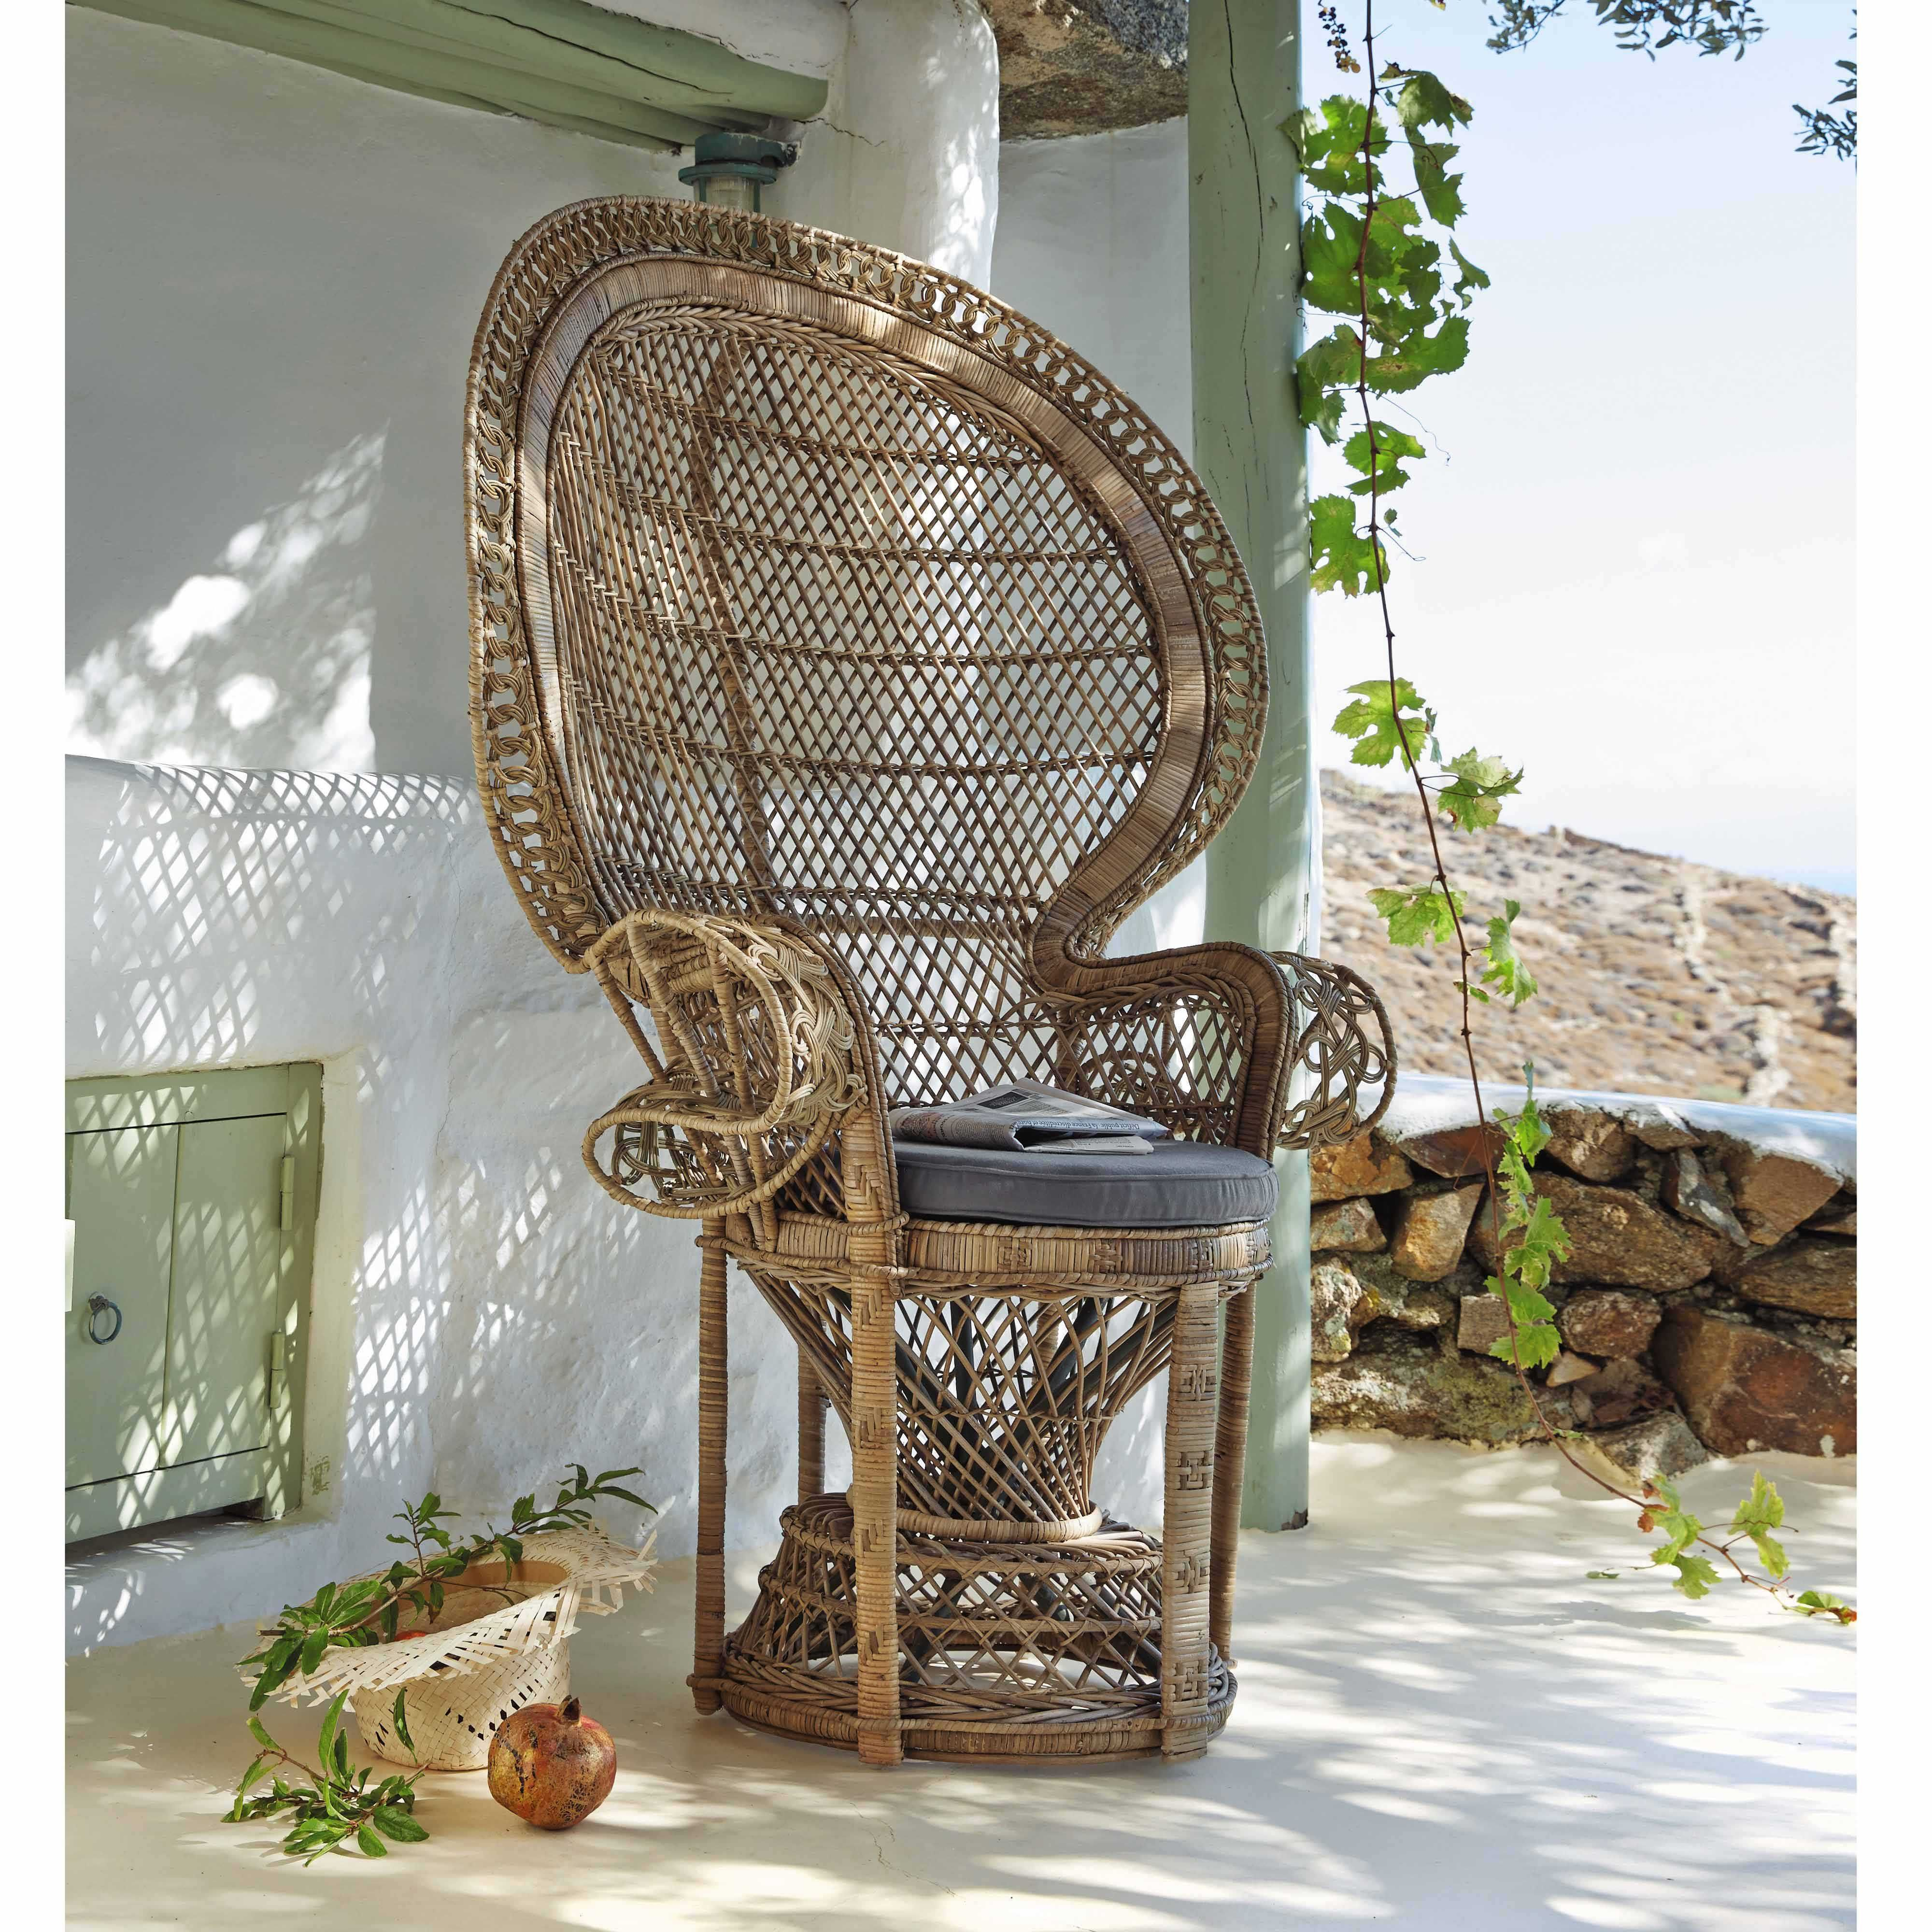 g nial fauteuil suspendu exterieur id es de bain de soleil. Black Bedroom Furniture Sets. Home Design Ideas